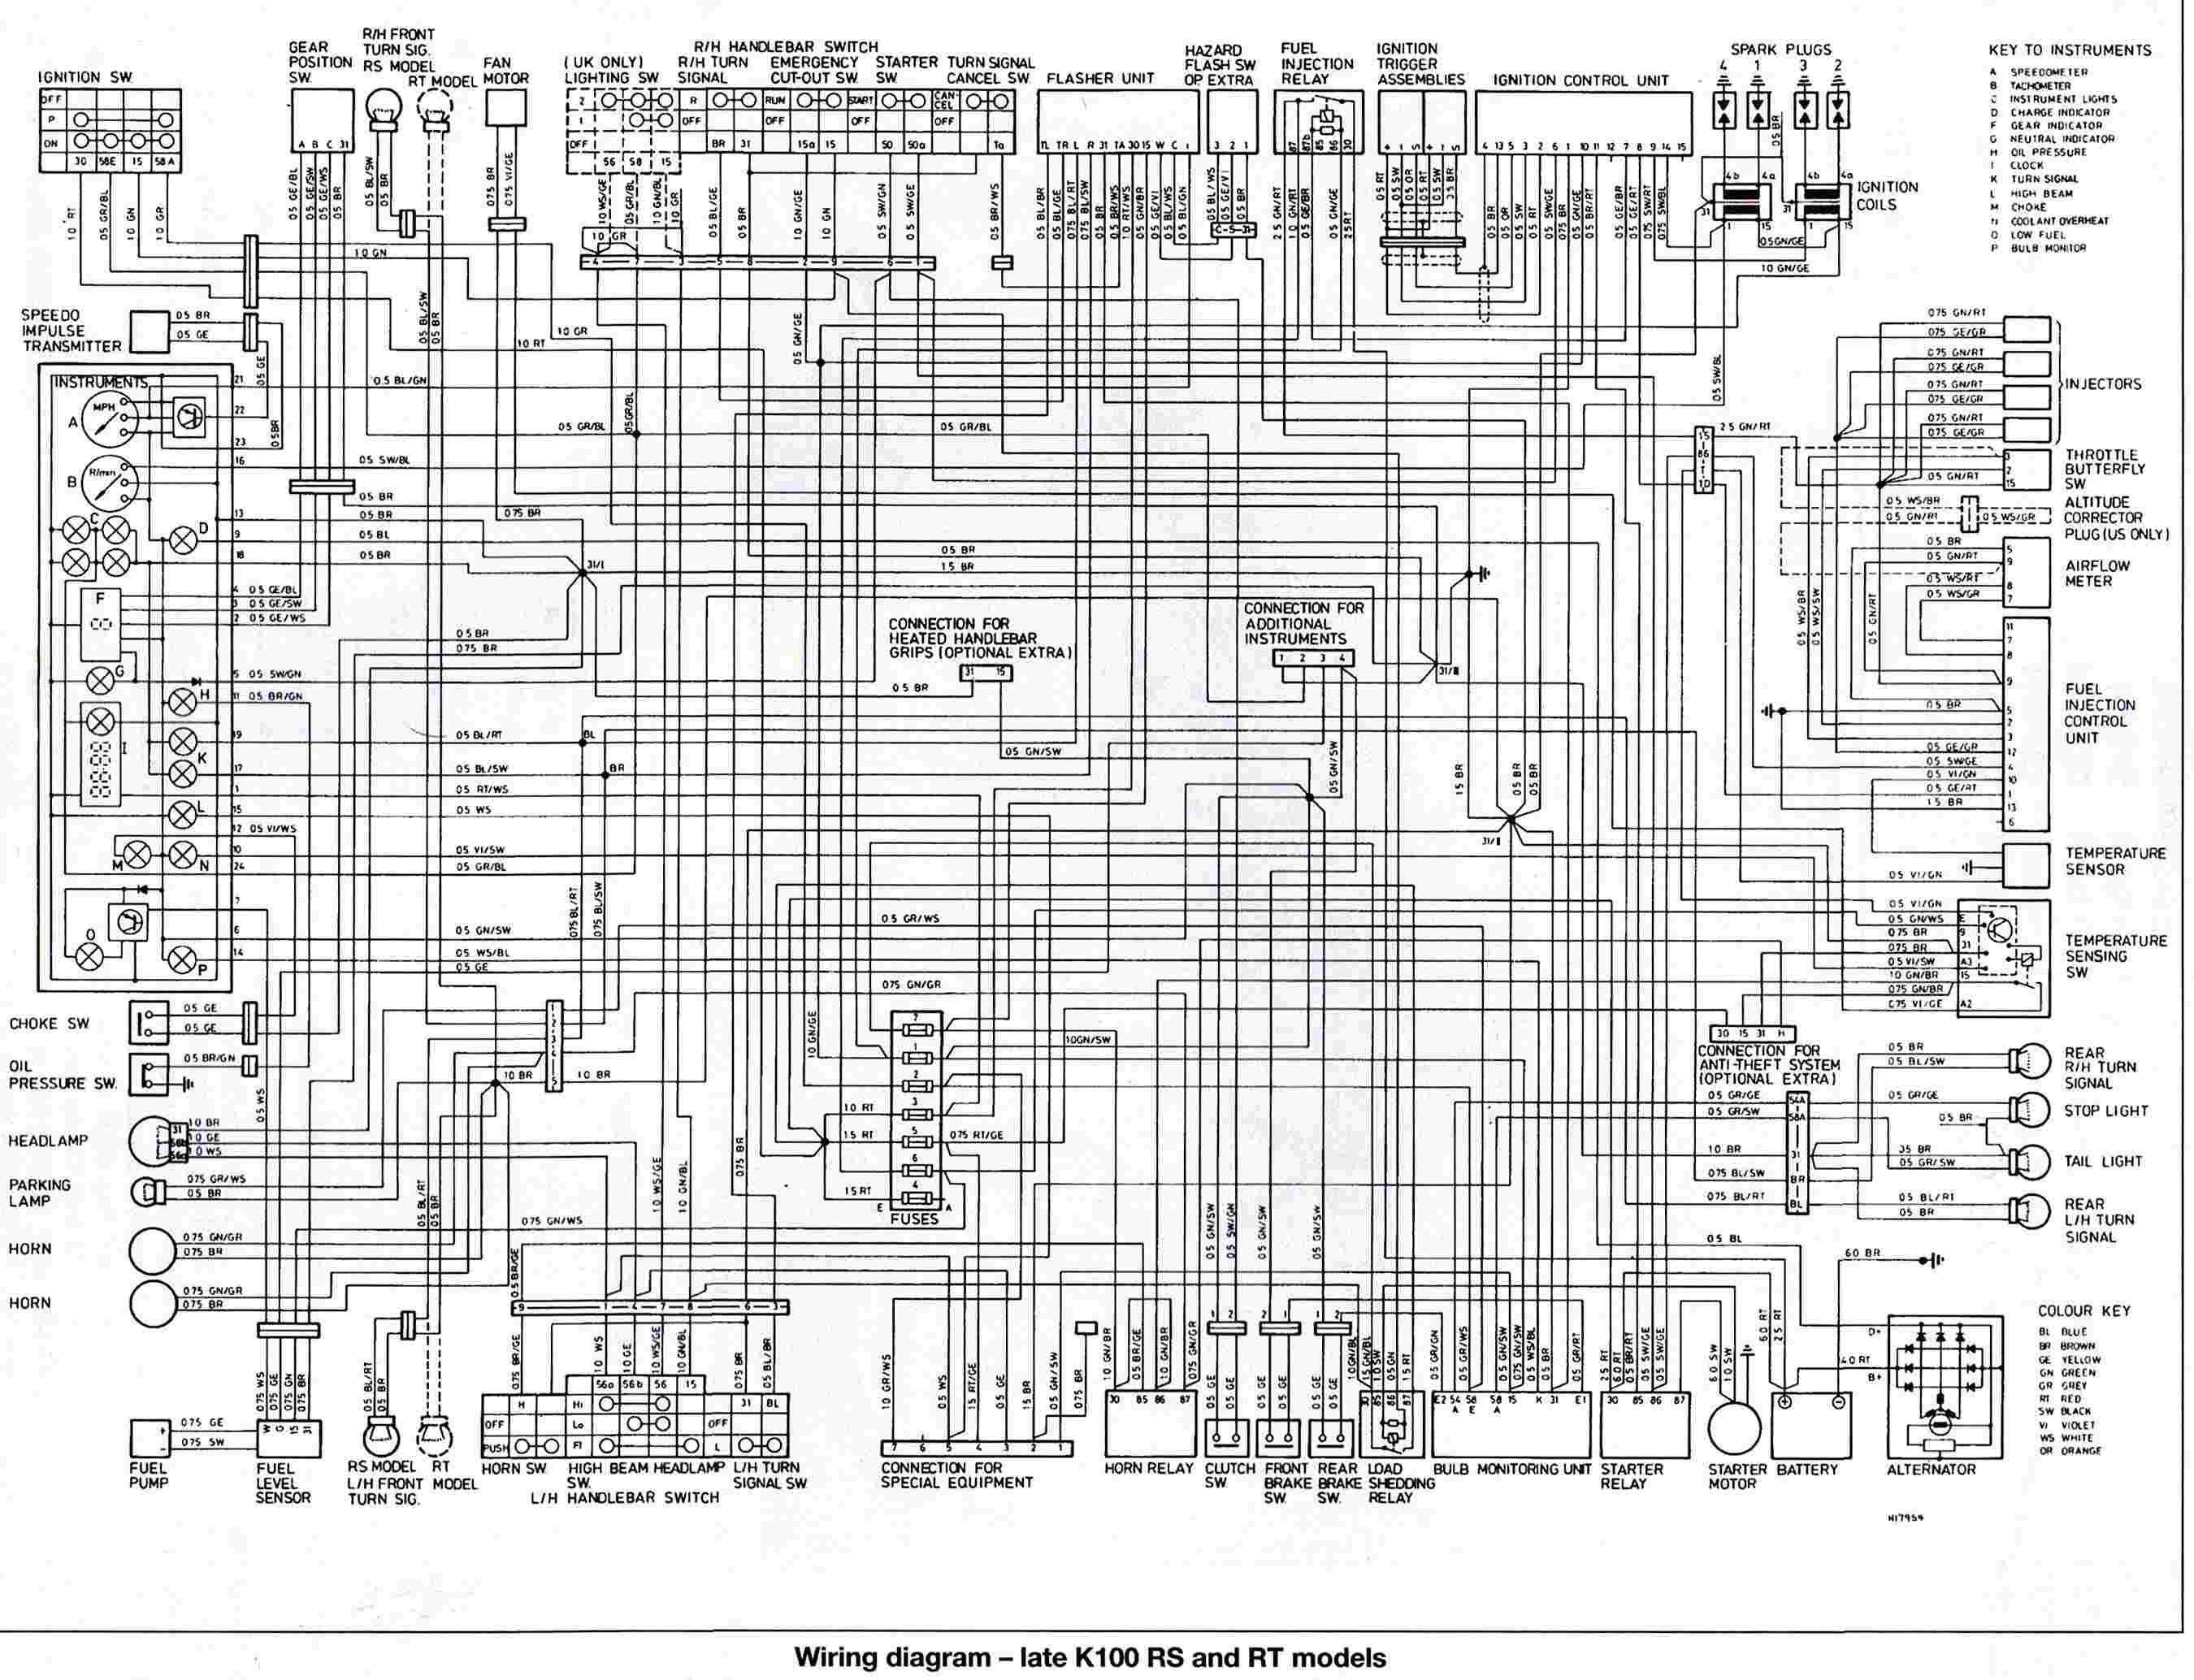 k100 wiring diagram wiring diagram page bmw k100 wiring diagrams wiring diagram k100 wiring diagram [ 2700 x 2068 Pixel ]